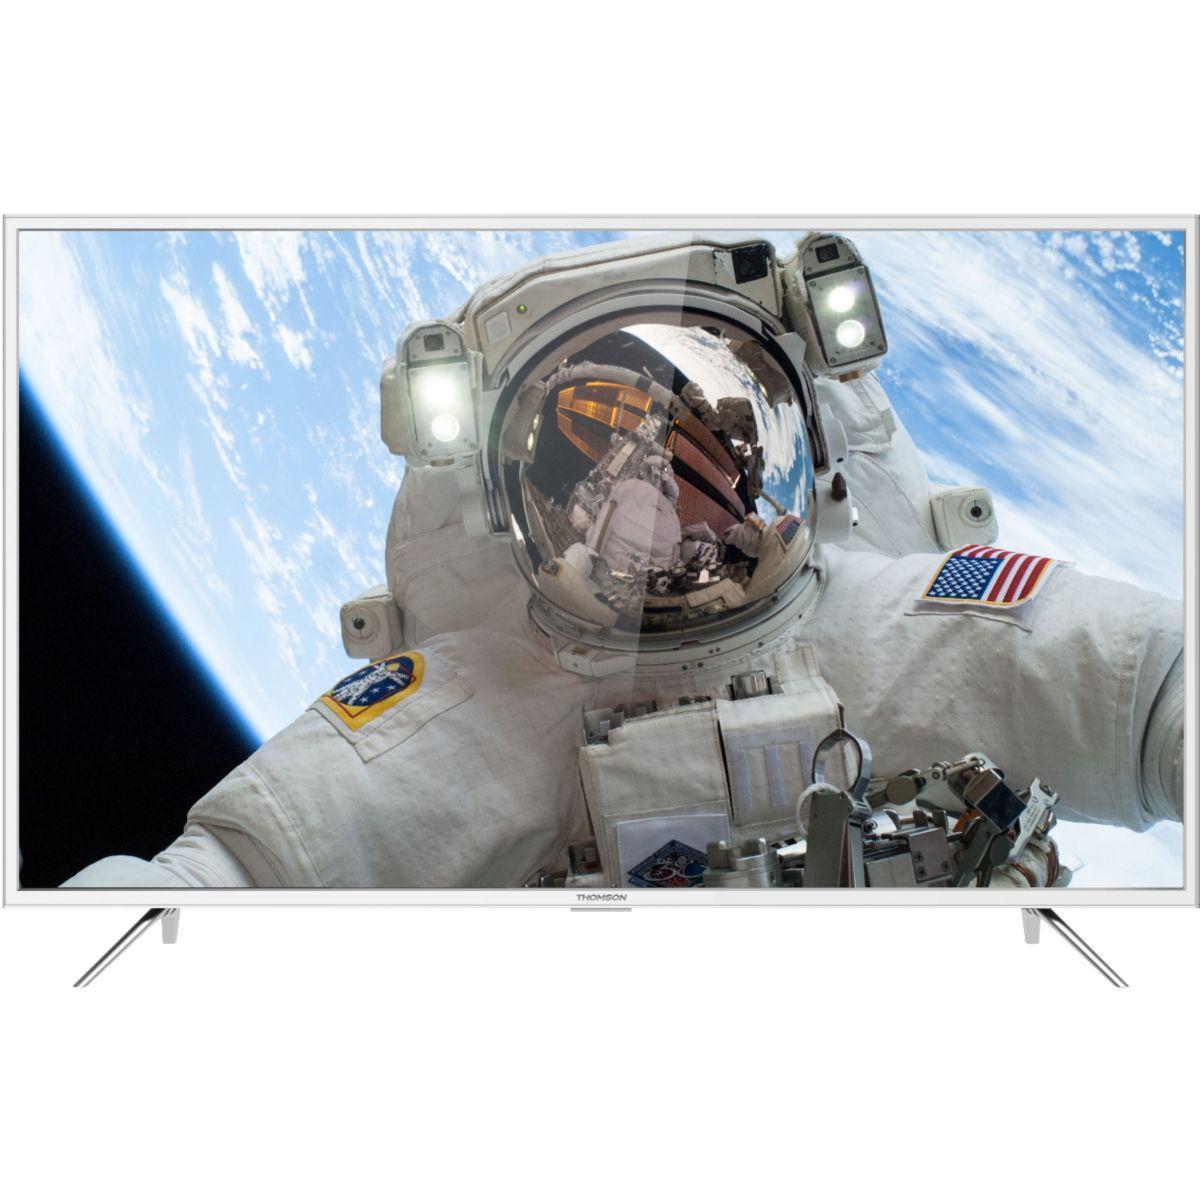 Tv led thomson 43ud6206w - 2% de remise imm�diate avec le code : deal2